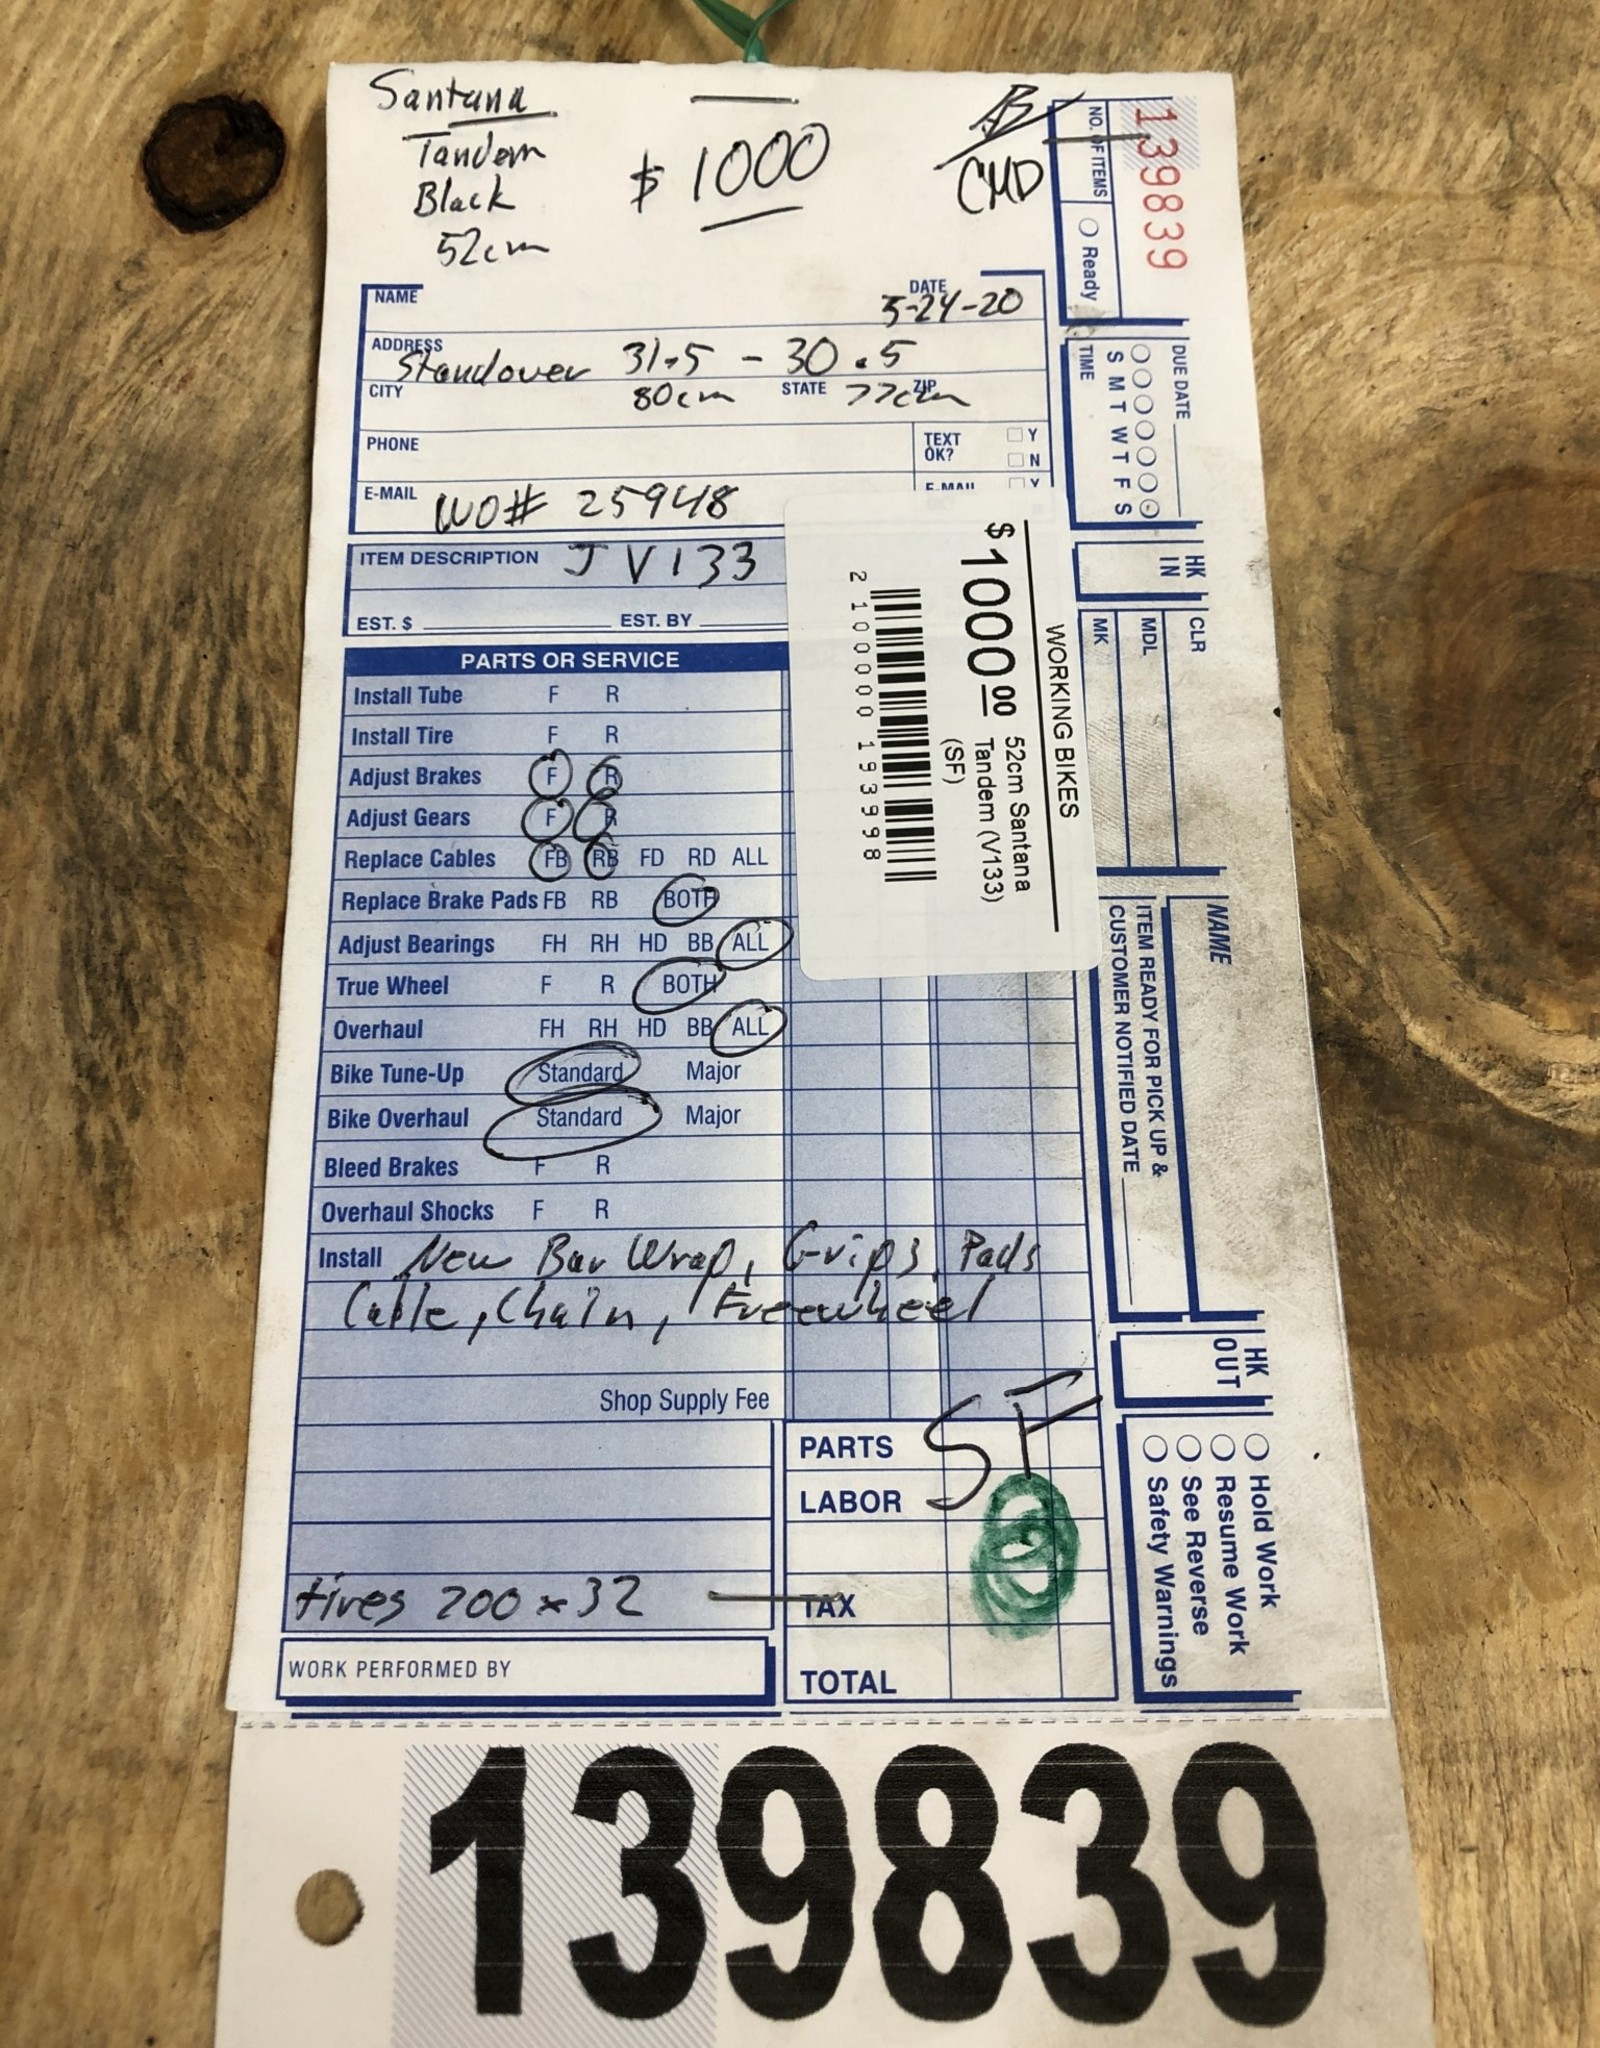 52cm Santana Tandem (V133) (SF)